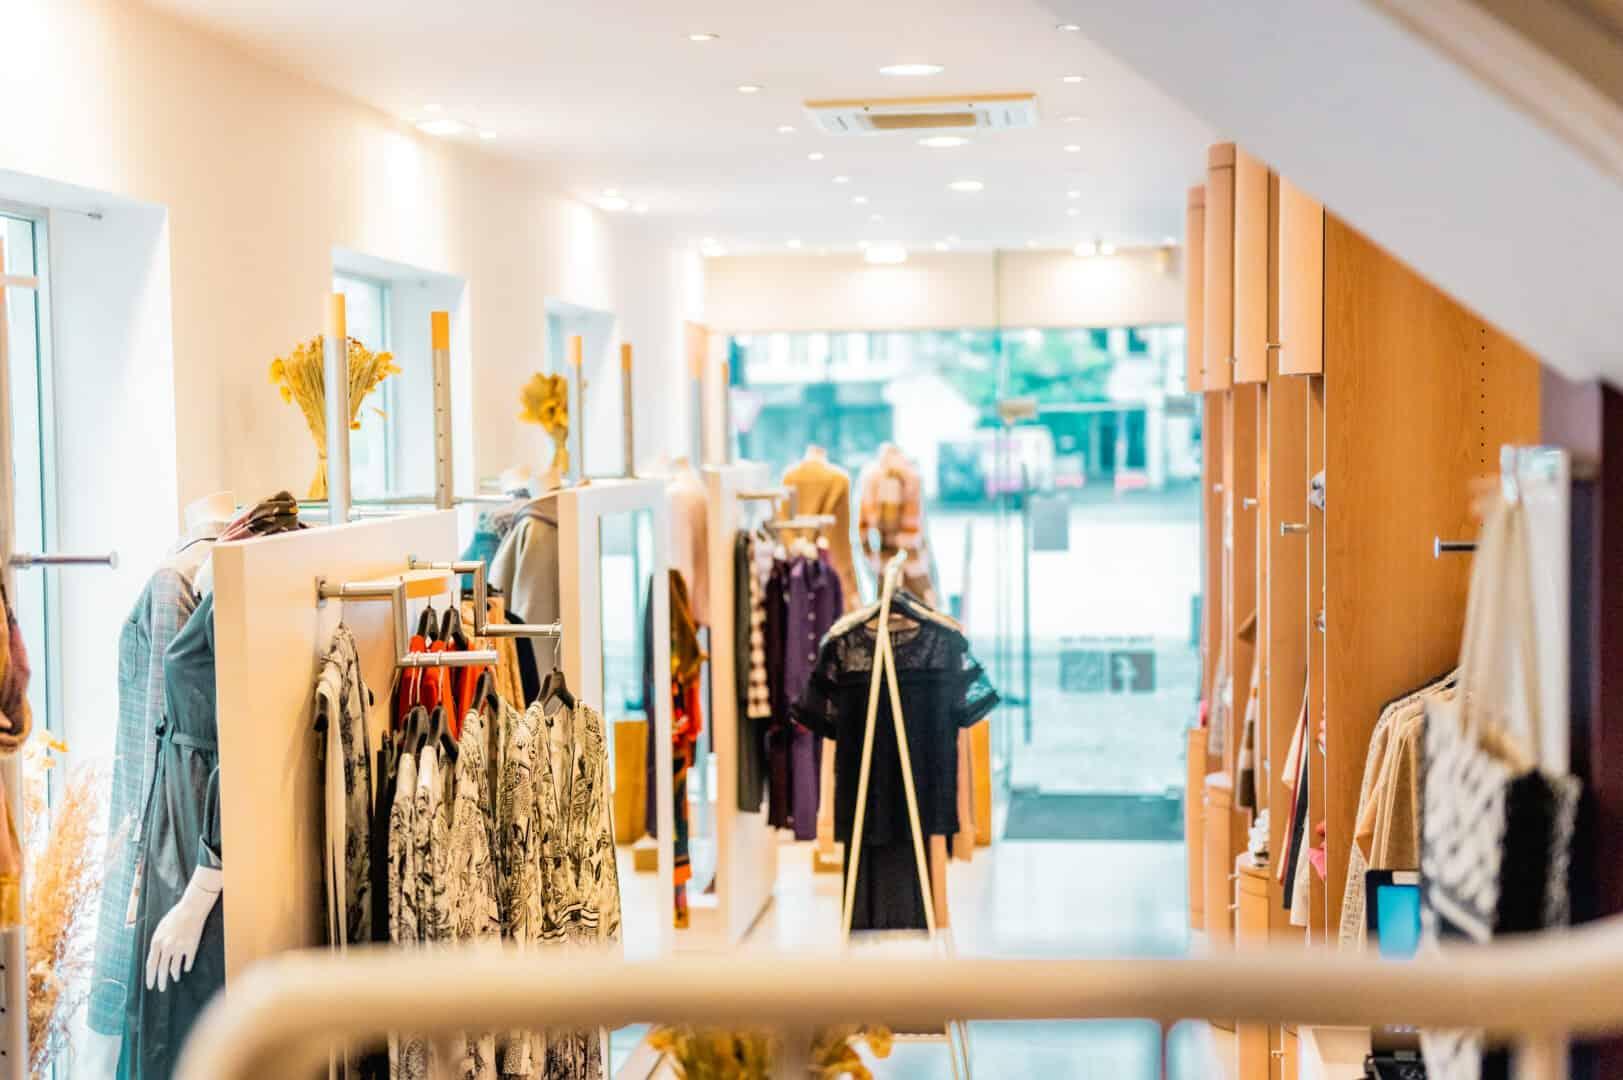 Tine B Oudenaarde Kledingwinkel Fashion merkkledij 1